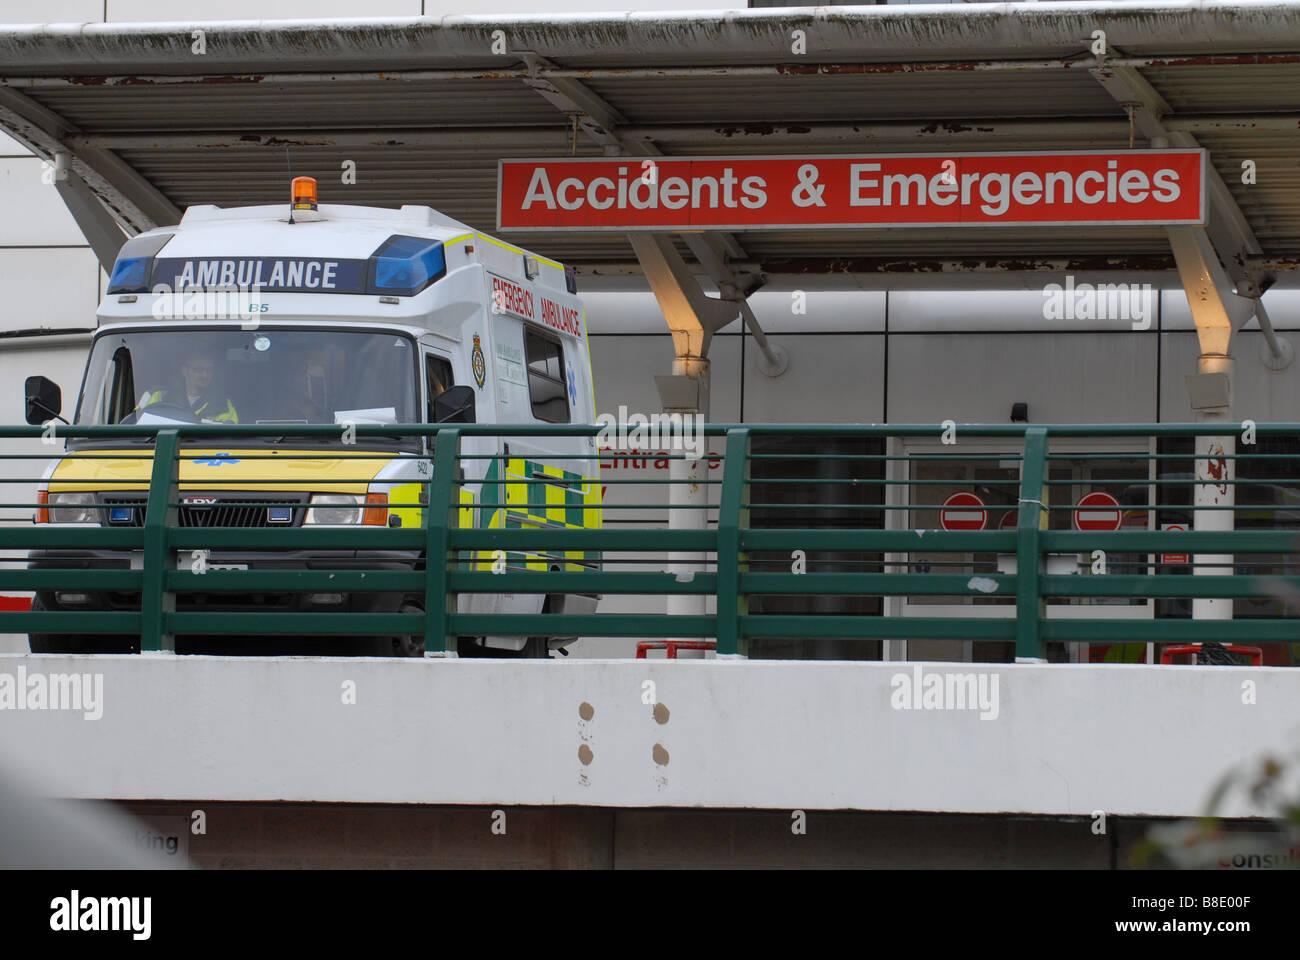 Ambulance outside Accidents and Emergencies, Hillingdon Hospital - Stock Image